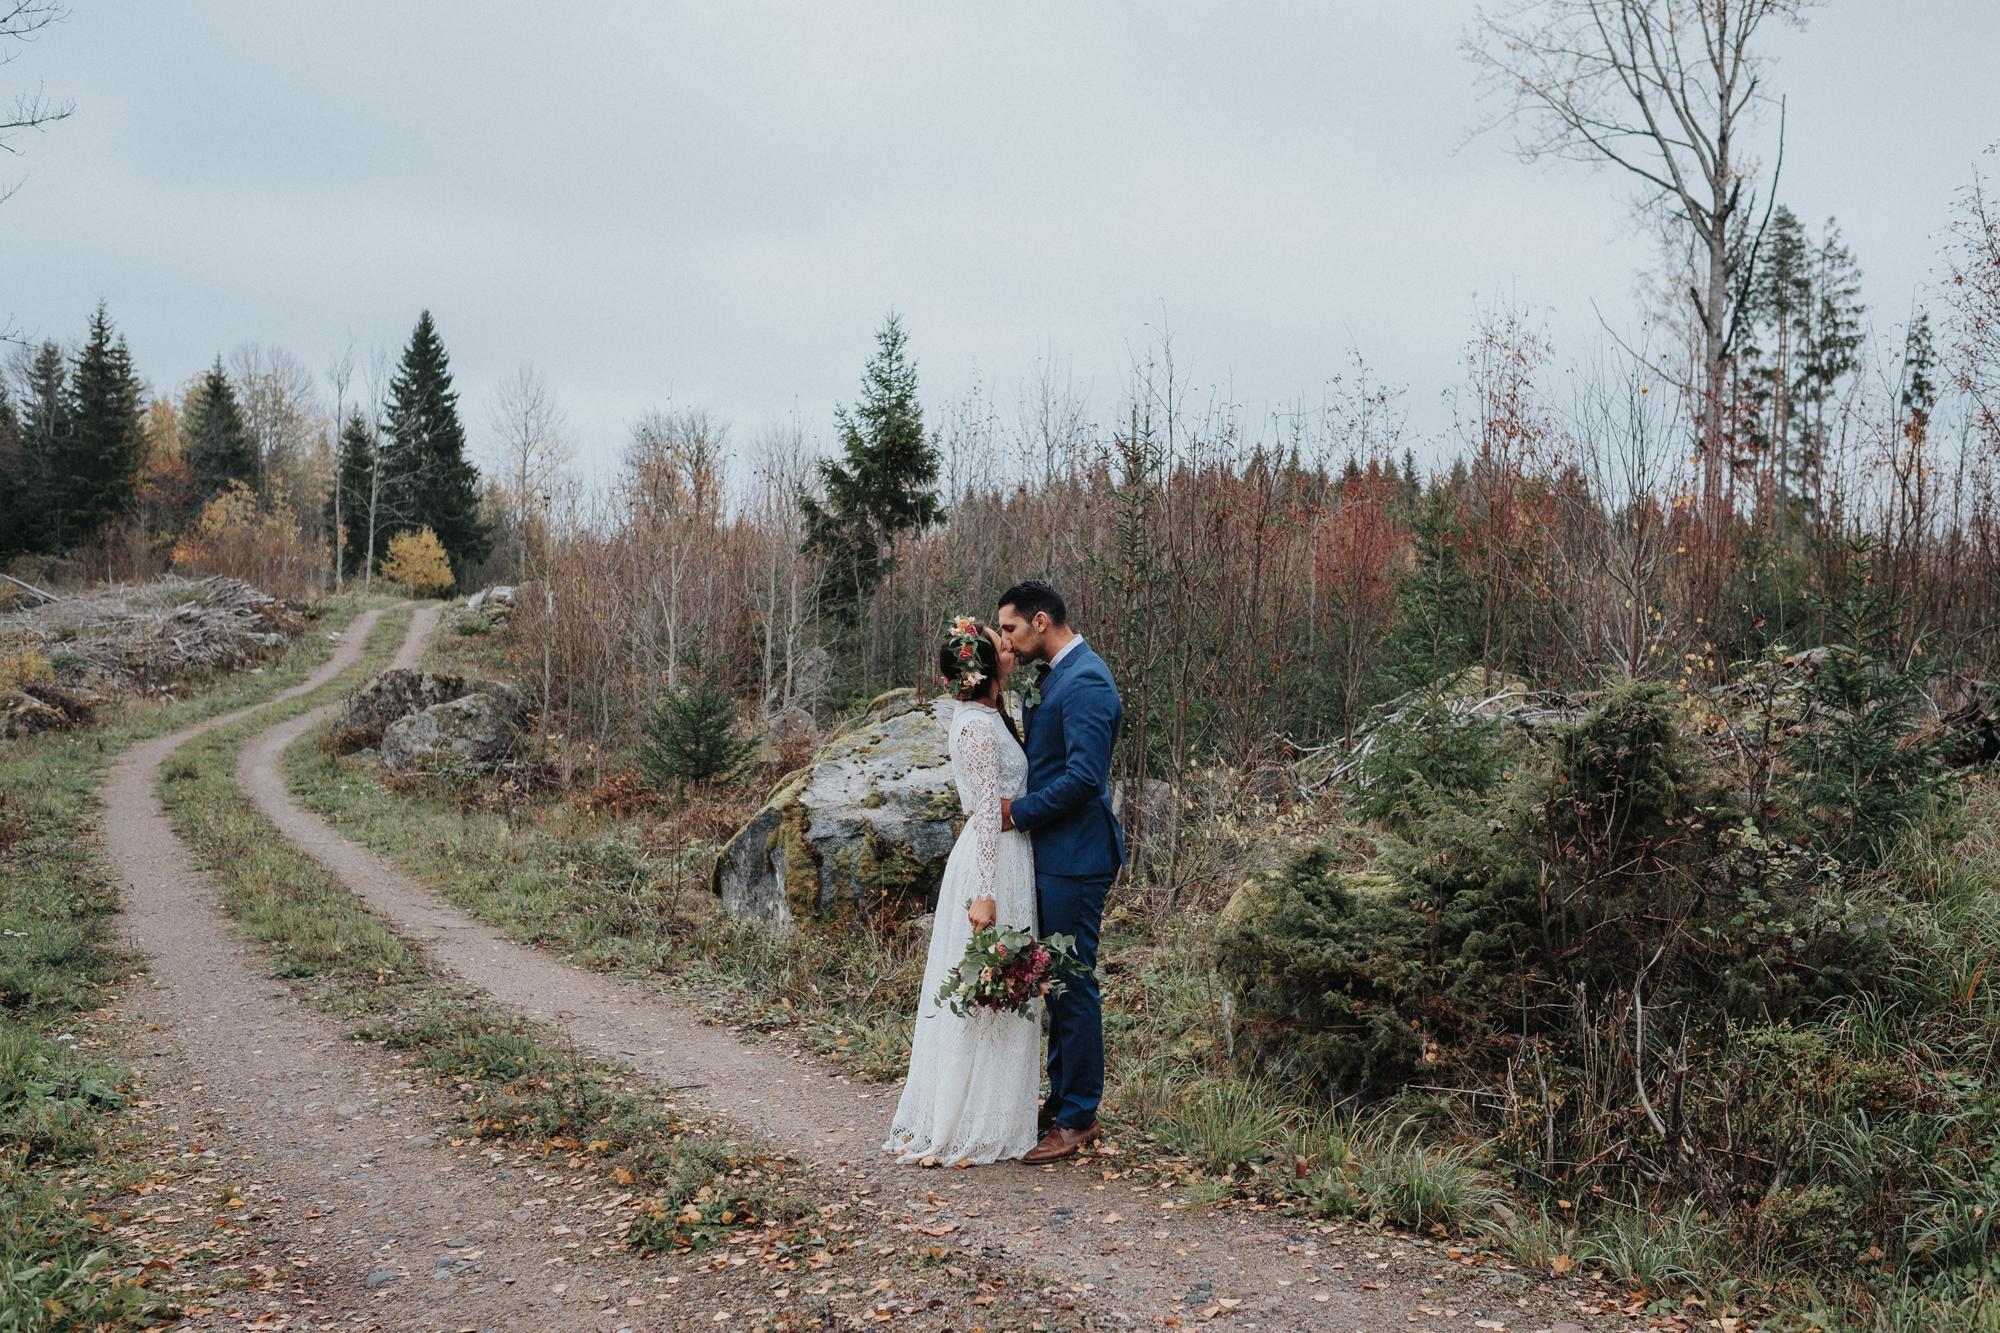 013-bröllopsfotograf-uppsala-neas-fotografi.jpg